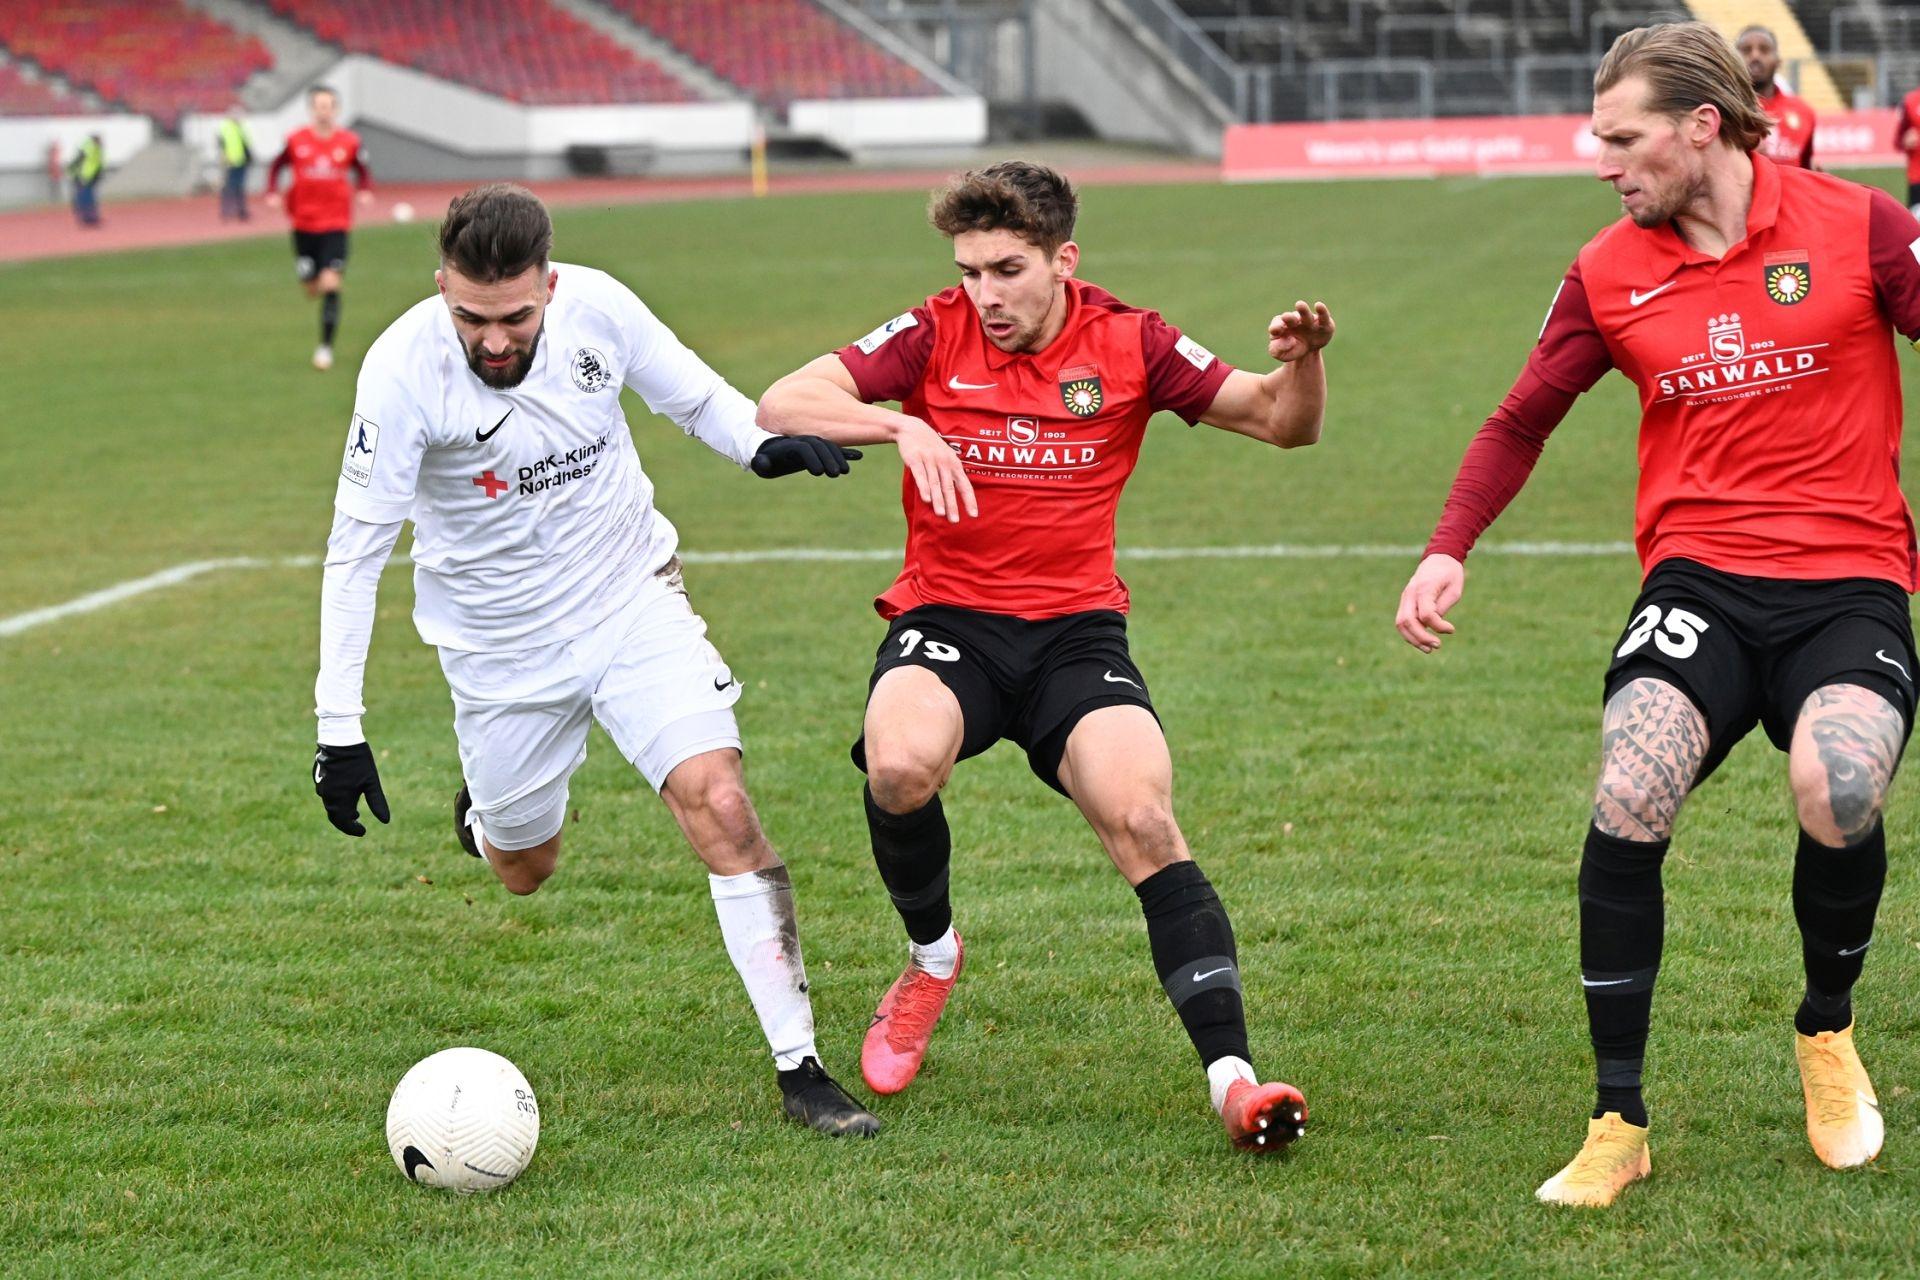 Regionalliga S�dwest 2020/21, KSV Hessen Kassel, SG Sonnenhof Grossaspach, Endstand 0:2